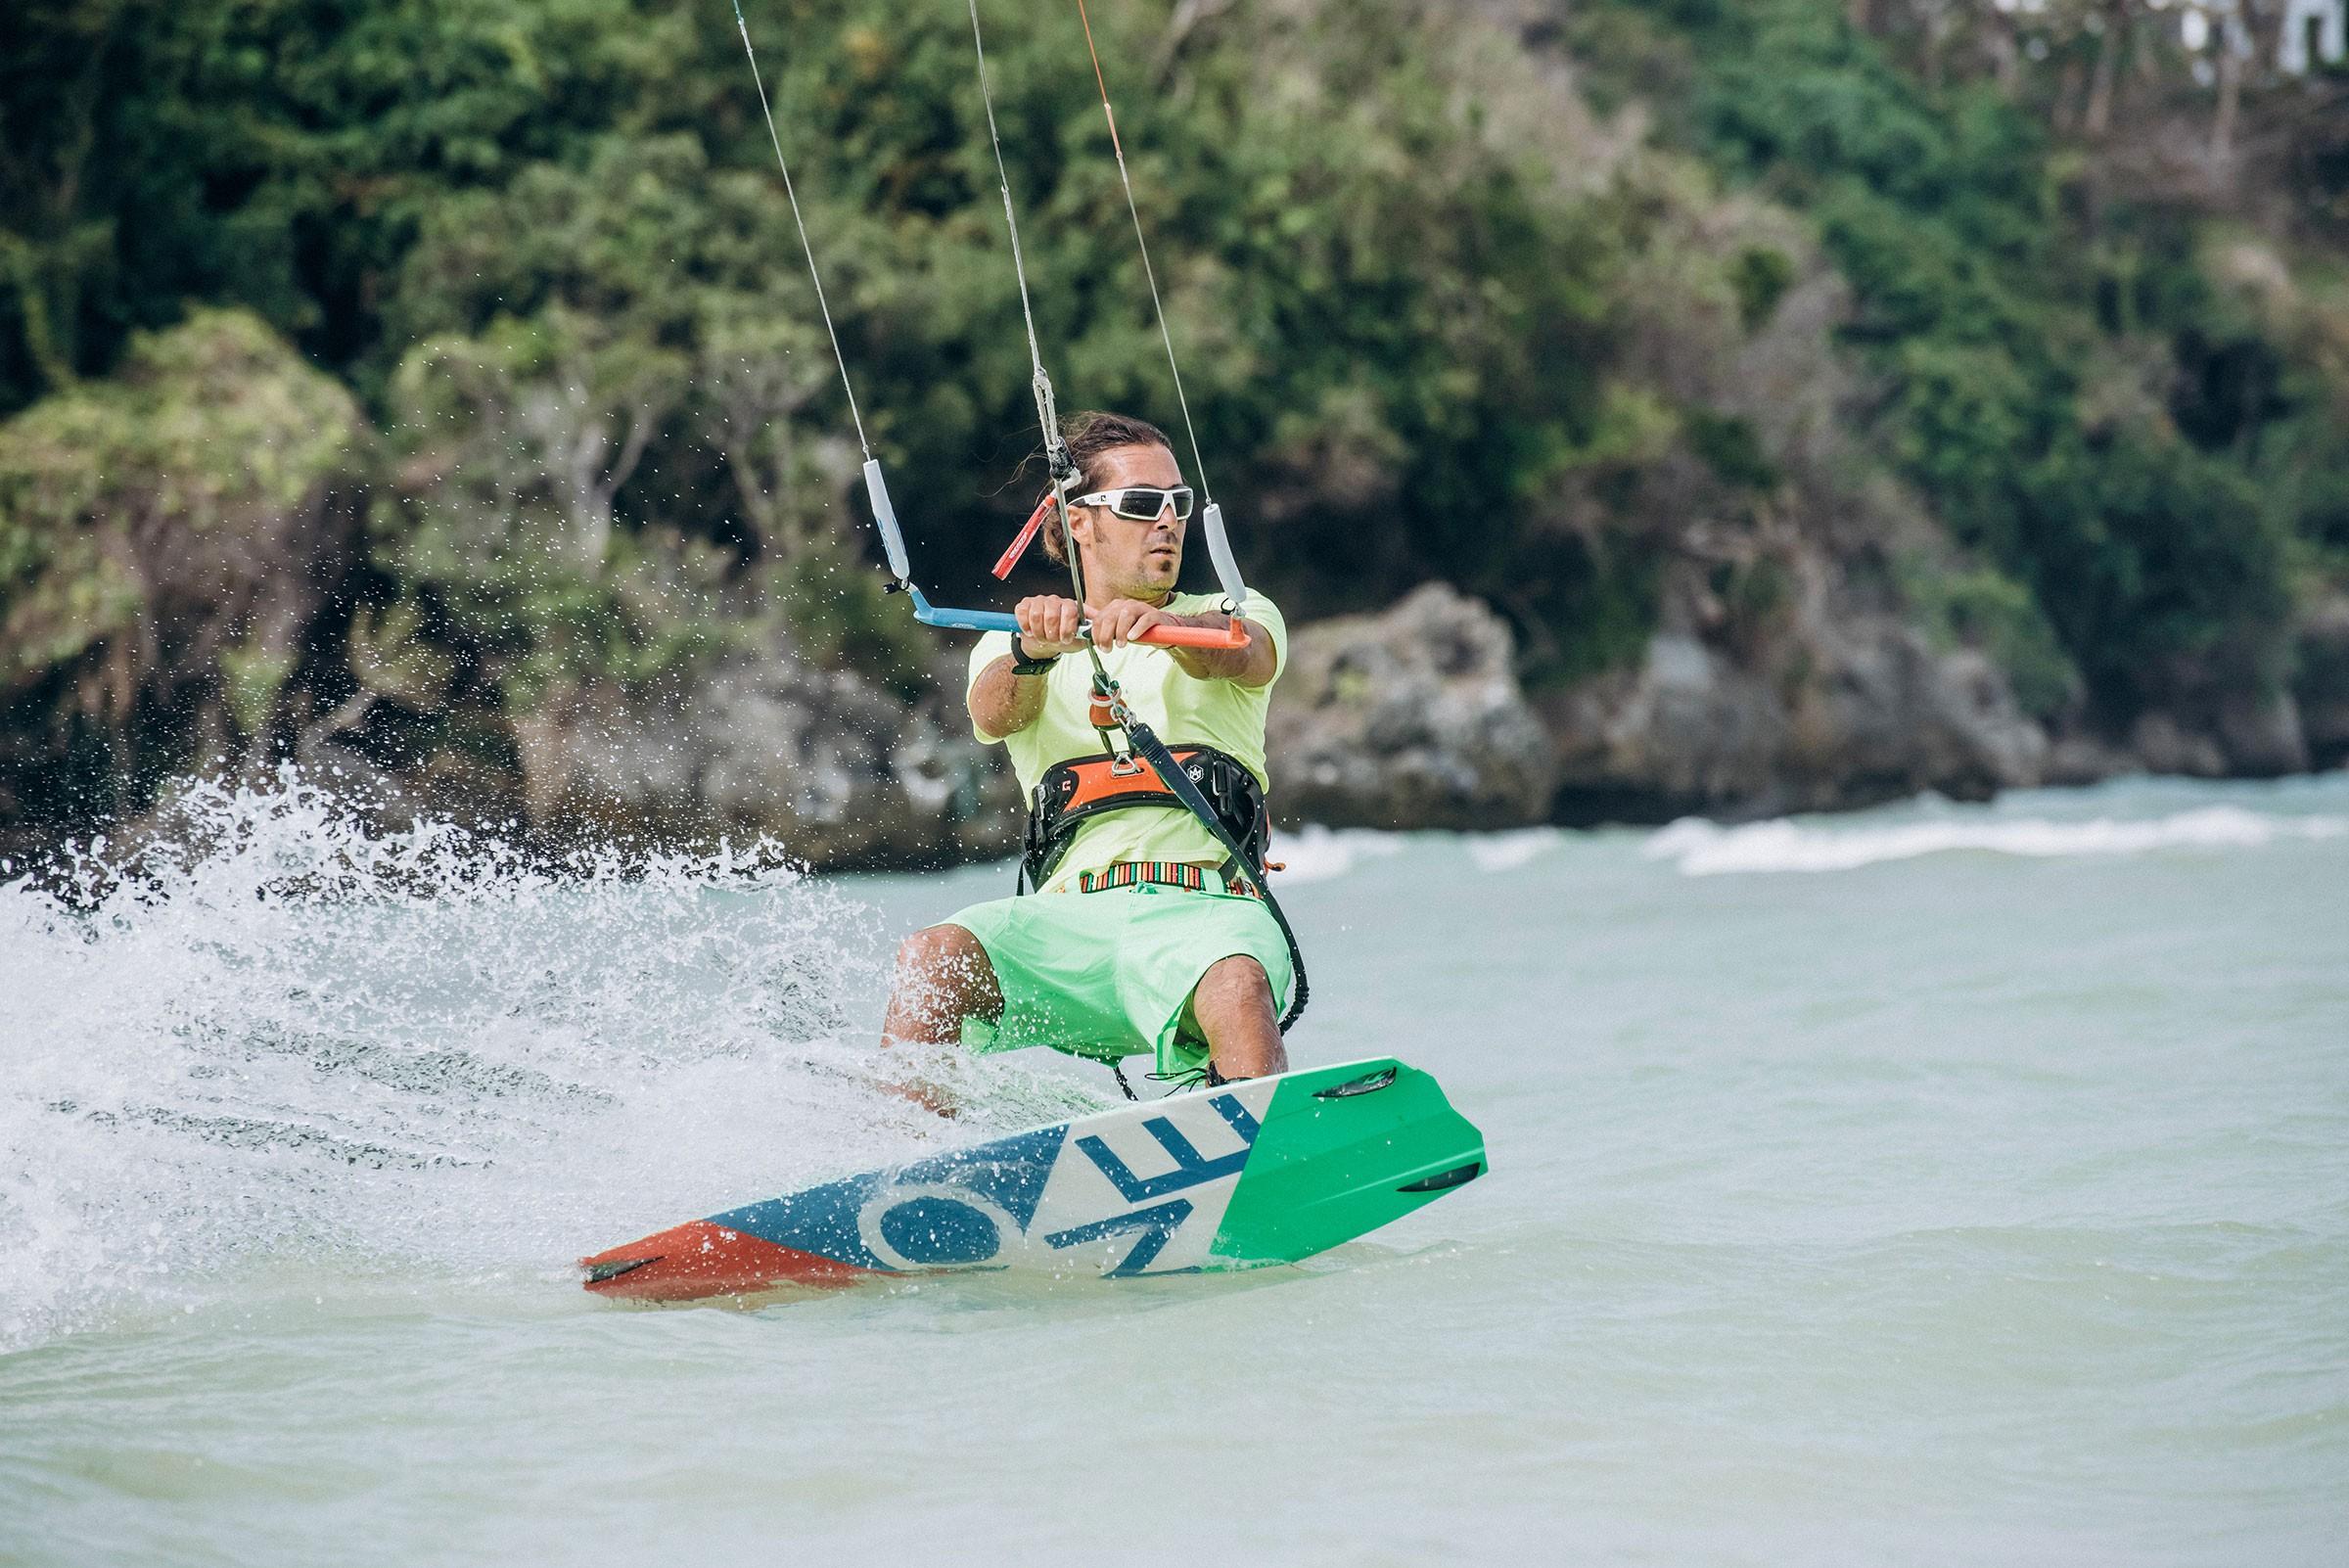 RÜZGAR VE HIZIN SEVDASI KİTESURF / En sade şekli ile 'su üzerinde bir board ile uçurtmaya bağlı yapılan bir spor' olarak tanımlayabileceğimiz Kitesurf su sporu, yaz tatilinizi rüzgar, deniz ve uçurtma ile keyiflendirebileceğiniz eşsiz bir fırsat. Kitesurf ya da diğer bir deyişle Kiteboard, dünyanın en hızla yayılan belki de en popüler sporu. Kitesurf ile yer çekimine meydan okuyup çok yükseklere sıçrayabilir ve rüzgarın hızına karşı gelerek denizin üstünde kayabilirsiniz. Aynı zamanda adrenalin tutkunları için vazgeçilmez olan bu spor size adrenalin hissini de sonuna kadar yaşatmayı vaat ediyor.